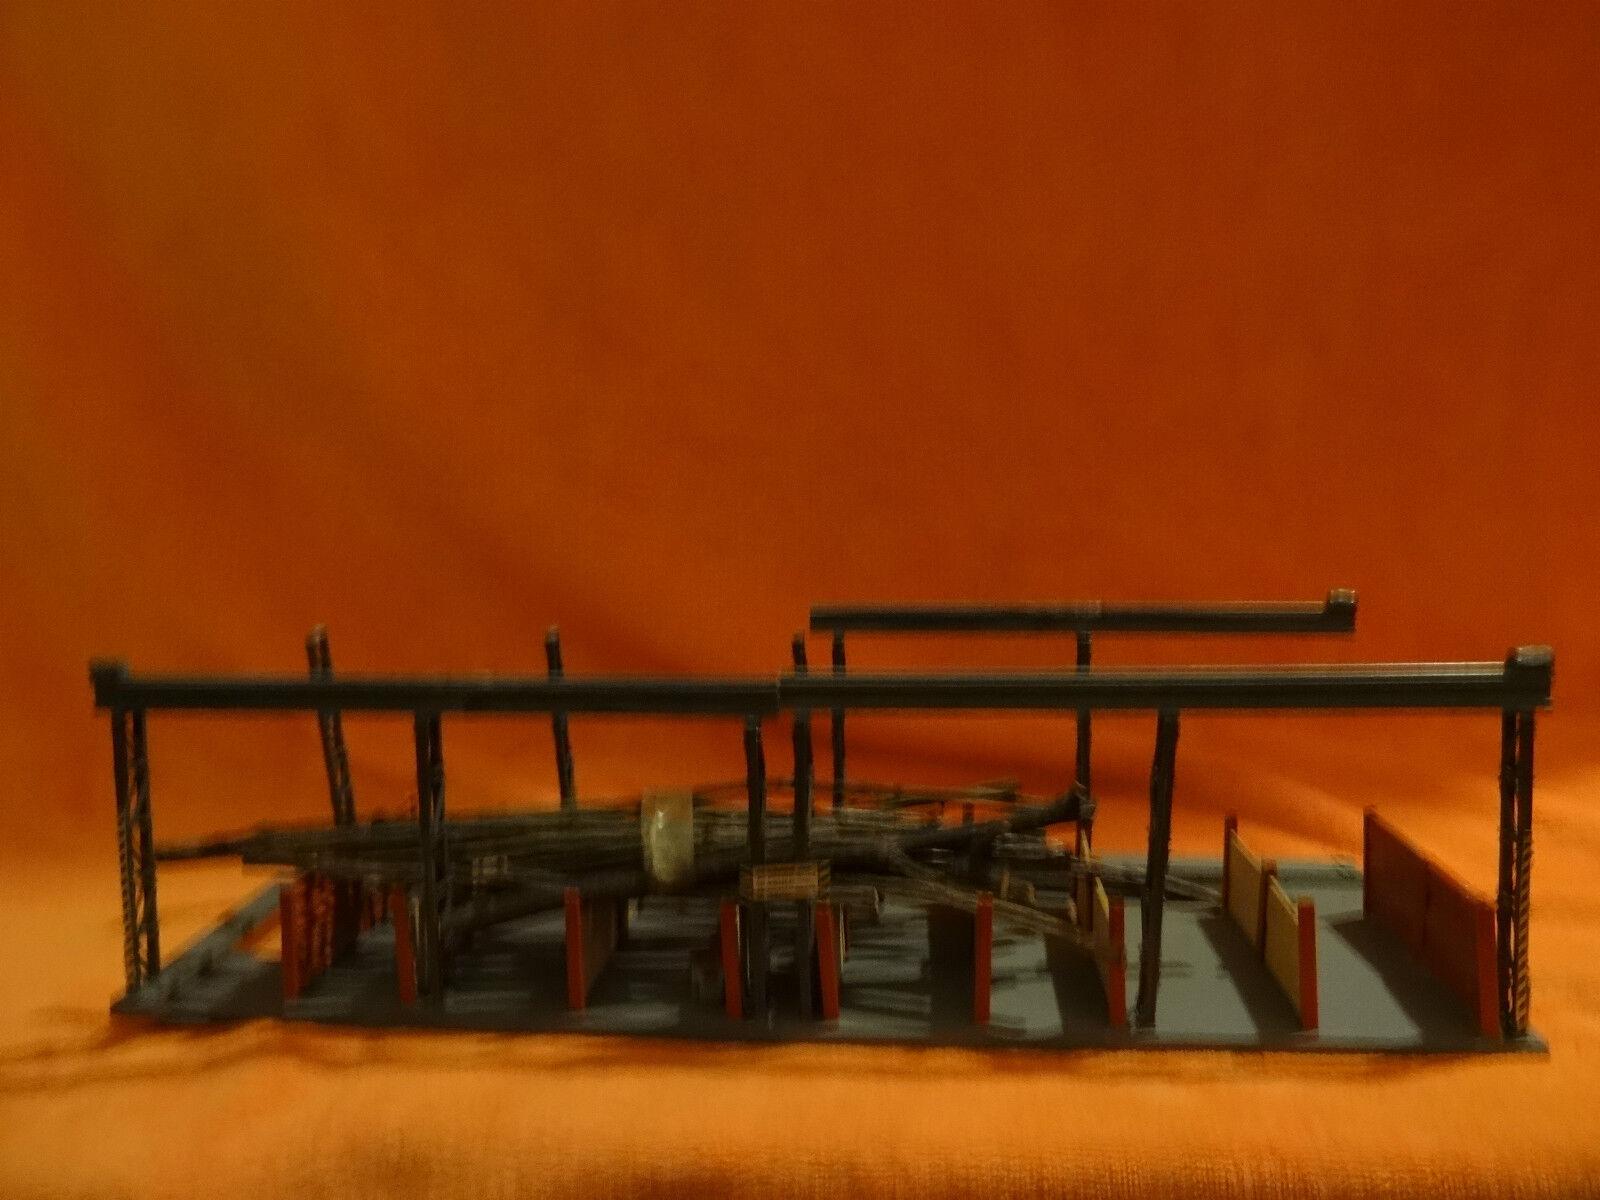 H0 colección modelo ferroviario FerroCocheril modellbau 1 87 - 1